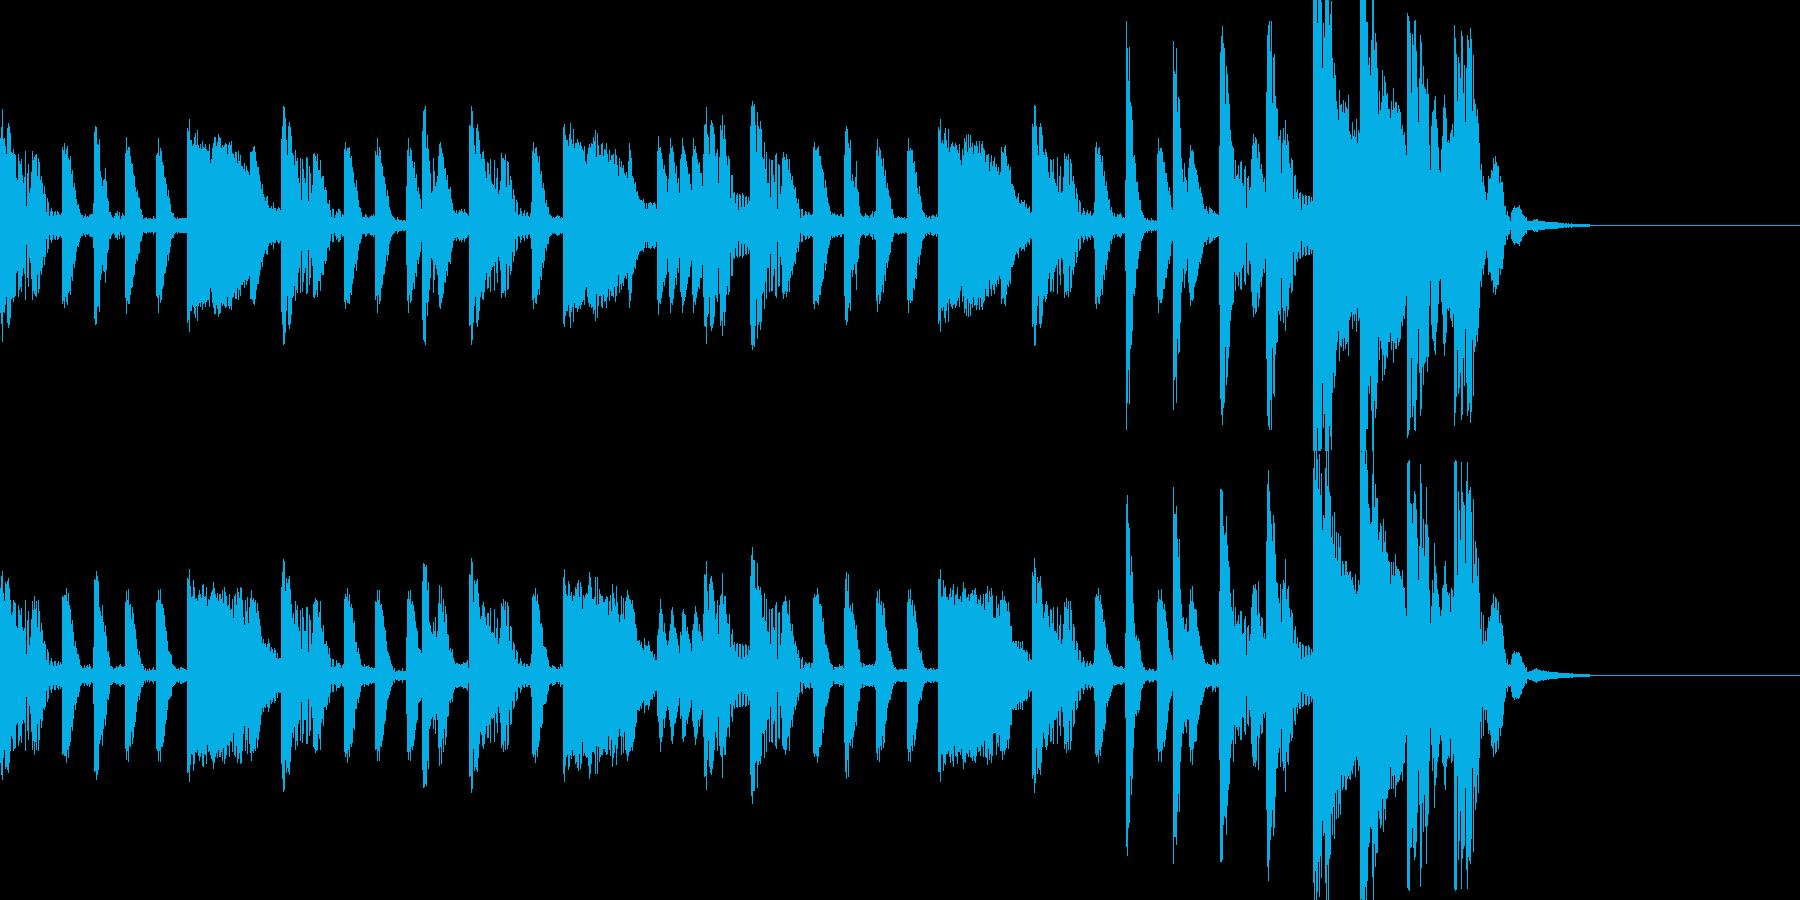 トラップなシンキングタイム音の再生済みの波形